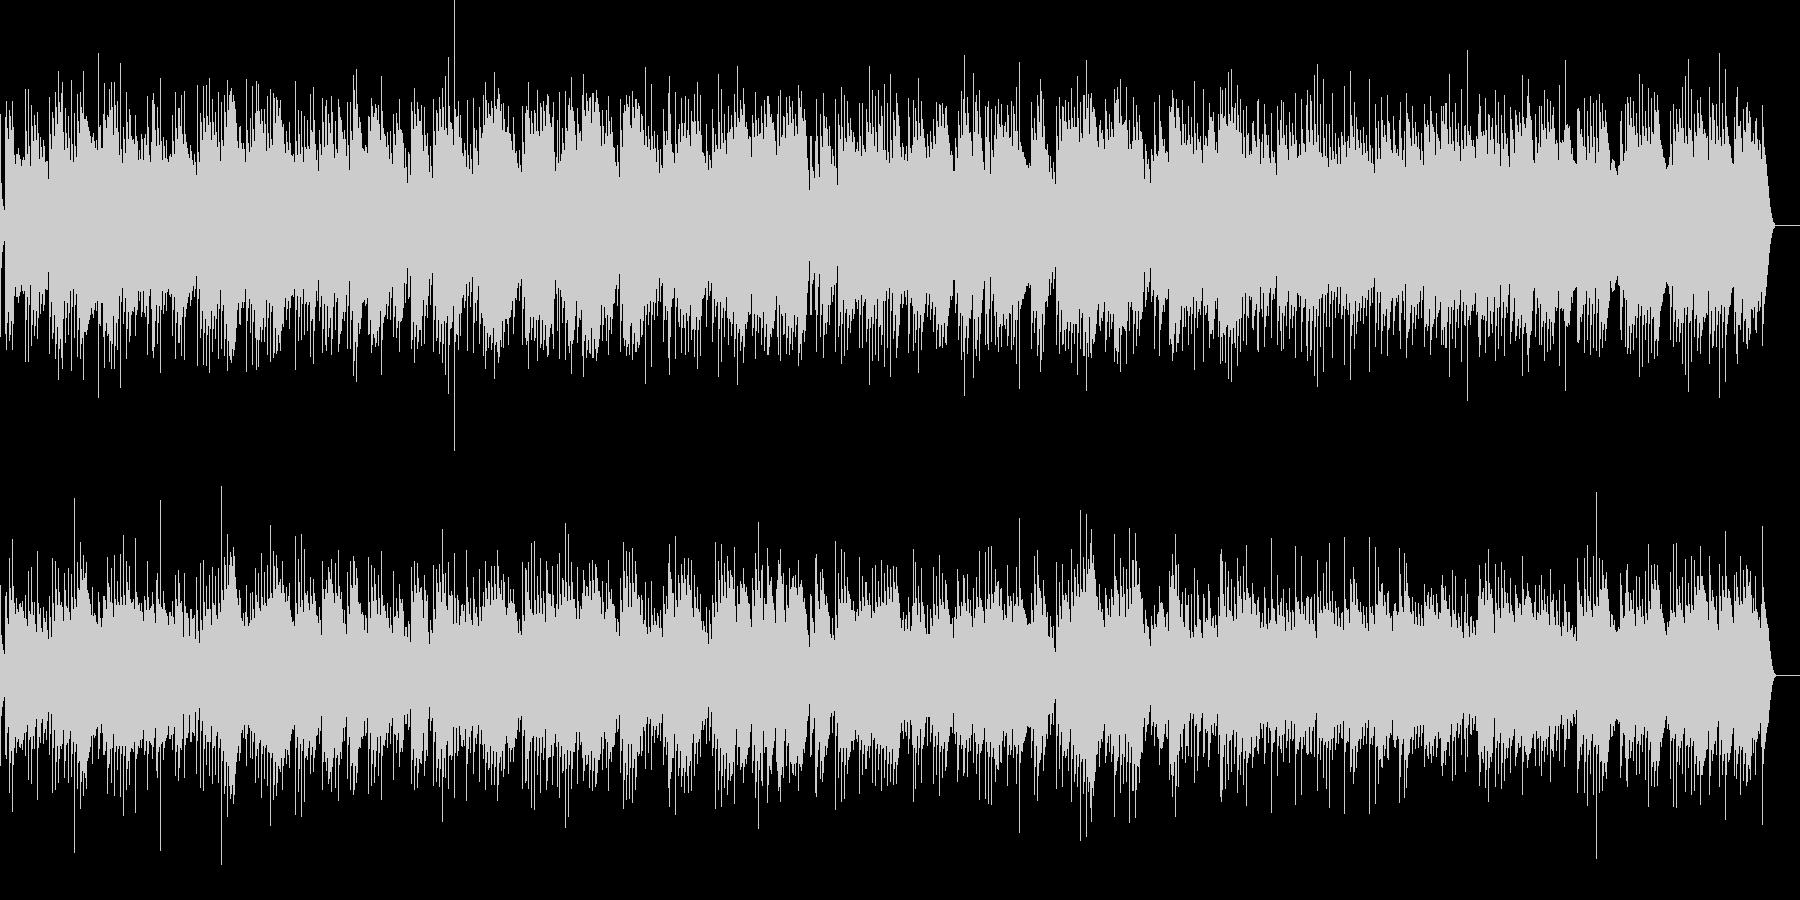 ハイドン 弦楽四重奏曲 (オルゴール)の未再生の波形